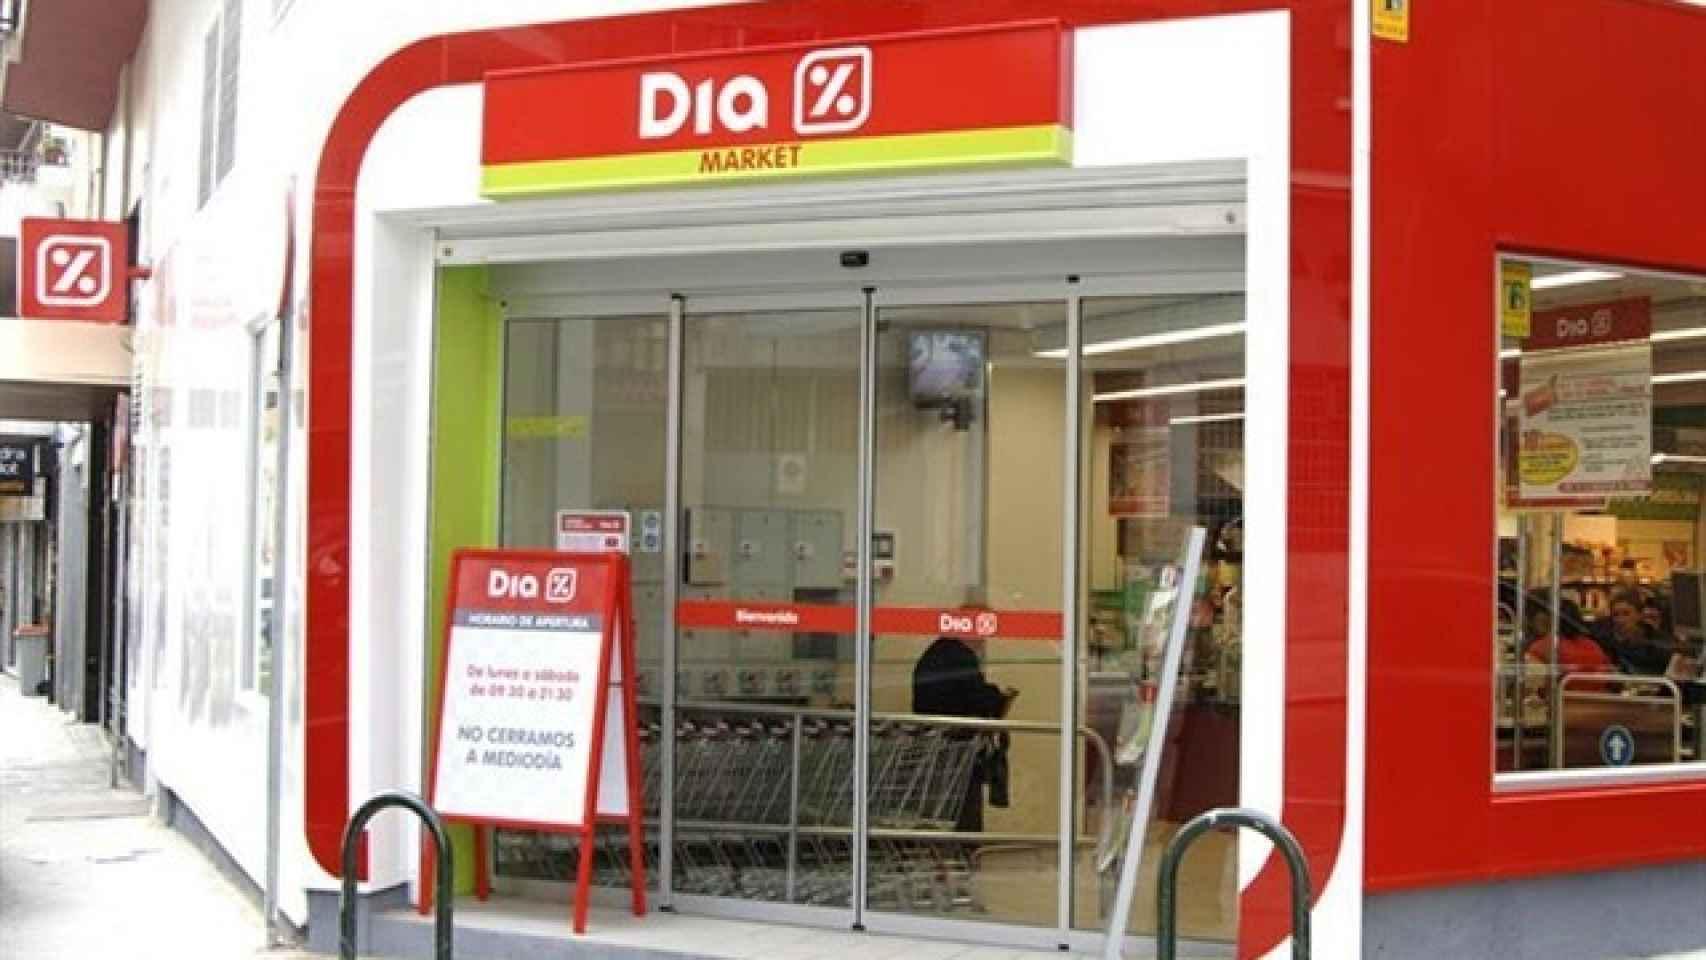 Un supermercado de Dia, en una imagen de archivo.